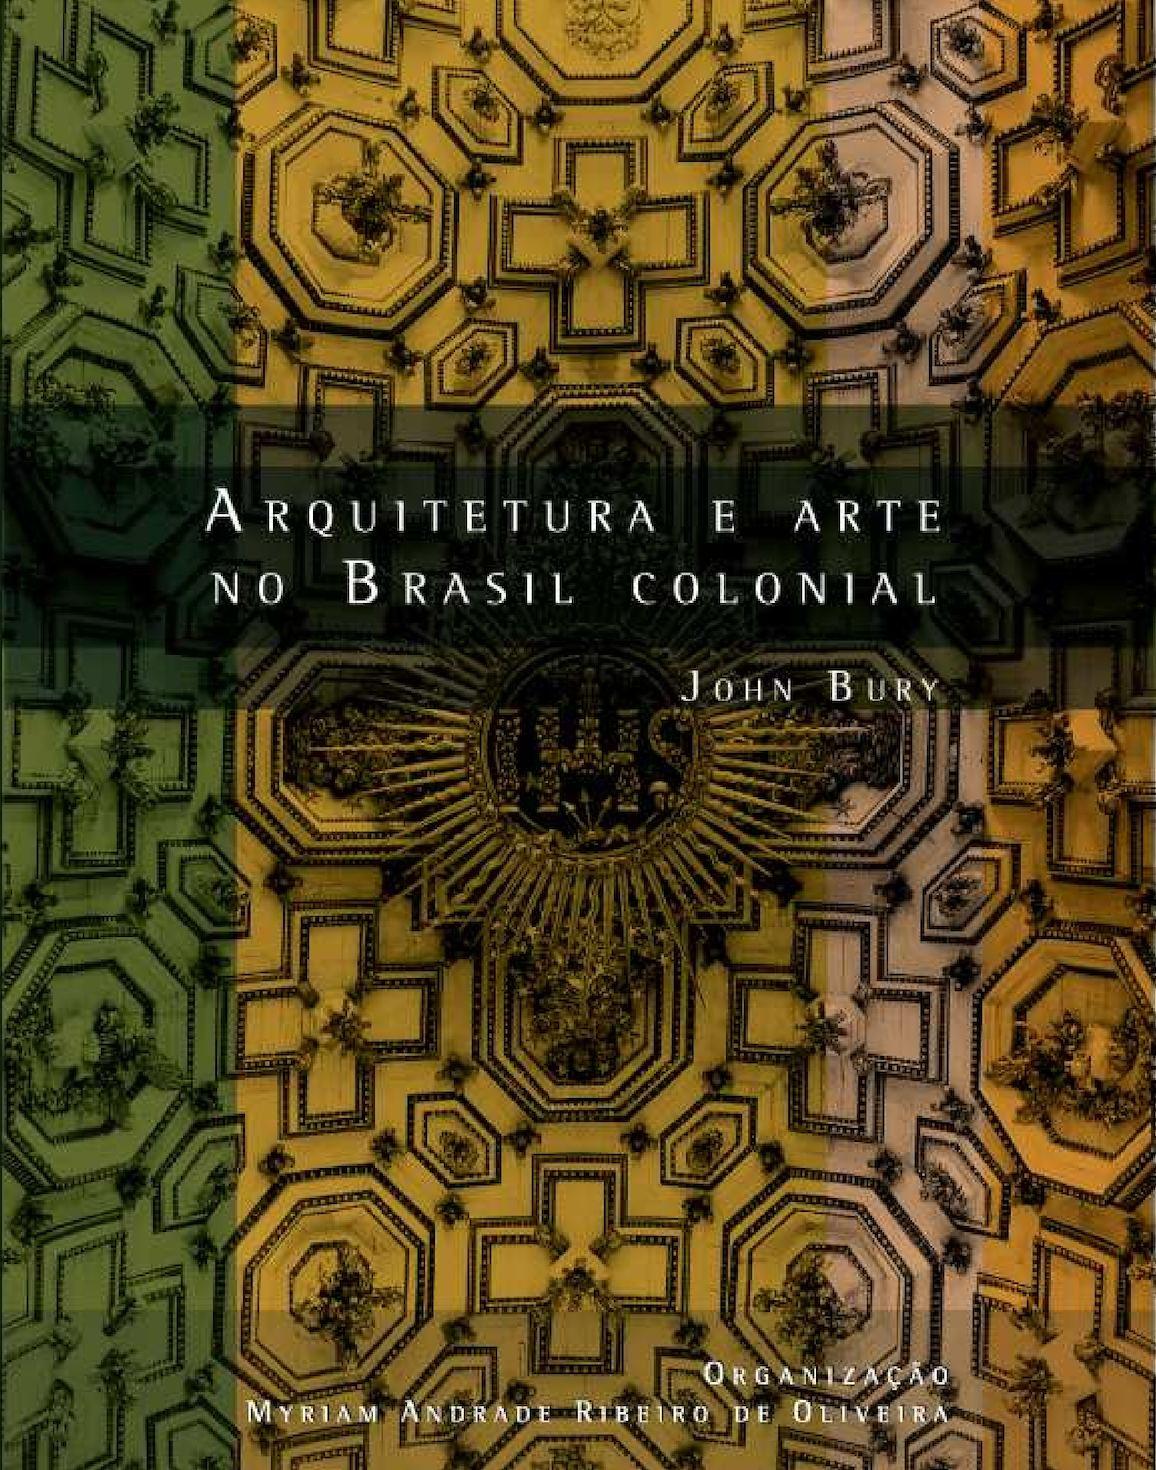 895a7bd89 Calaméo - Arquitatura E Arte No Brasil Colonial